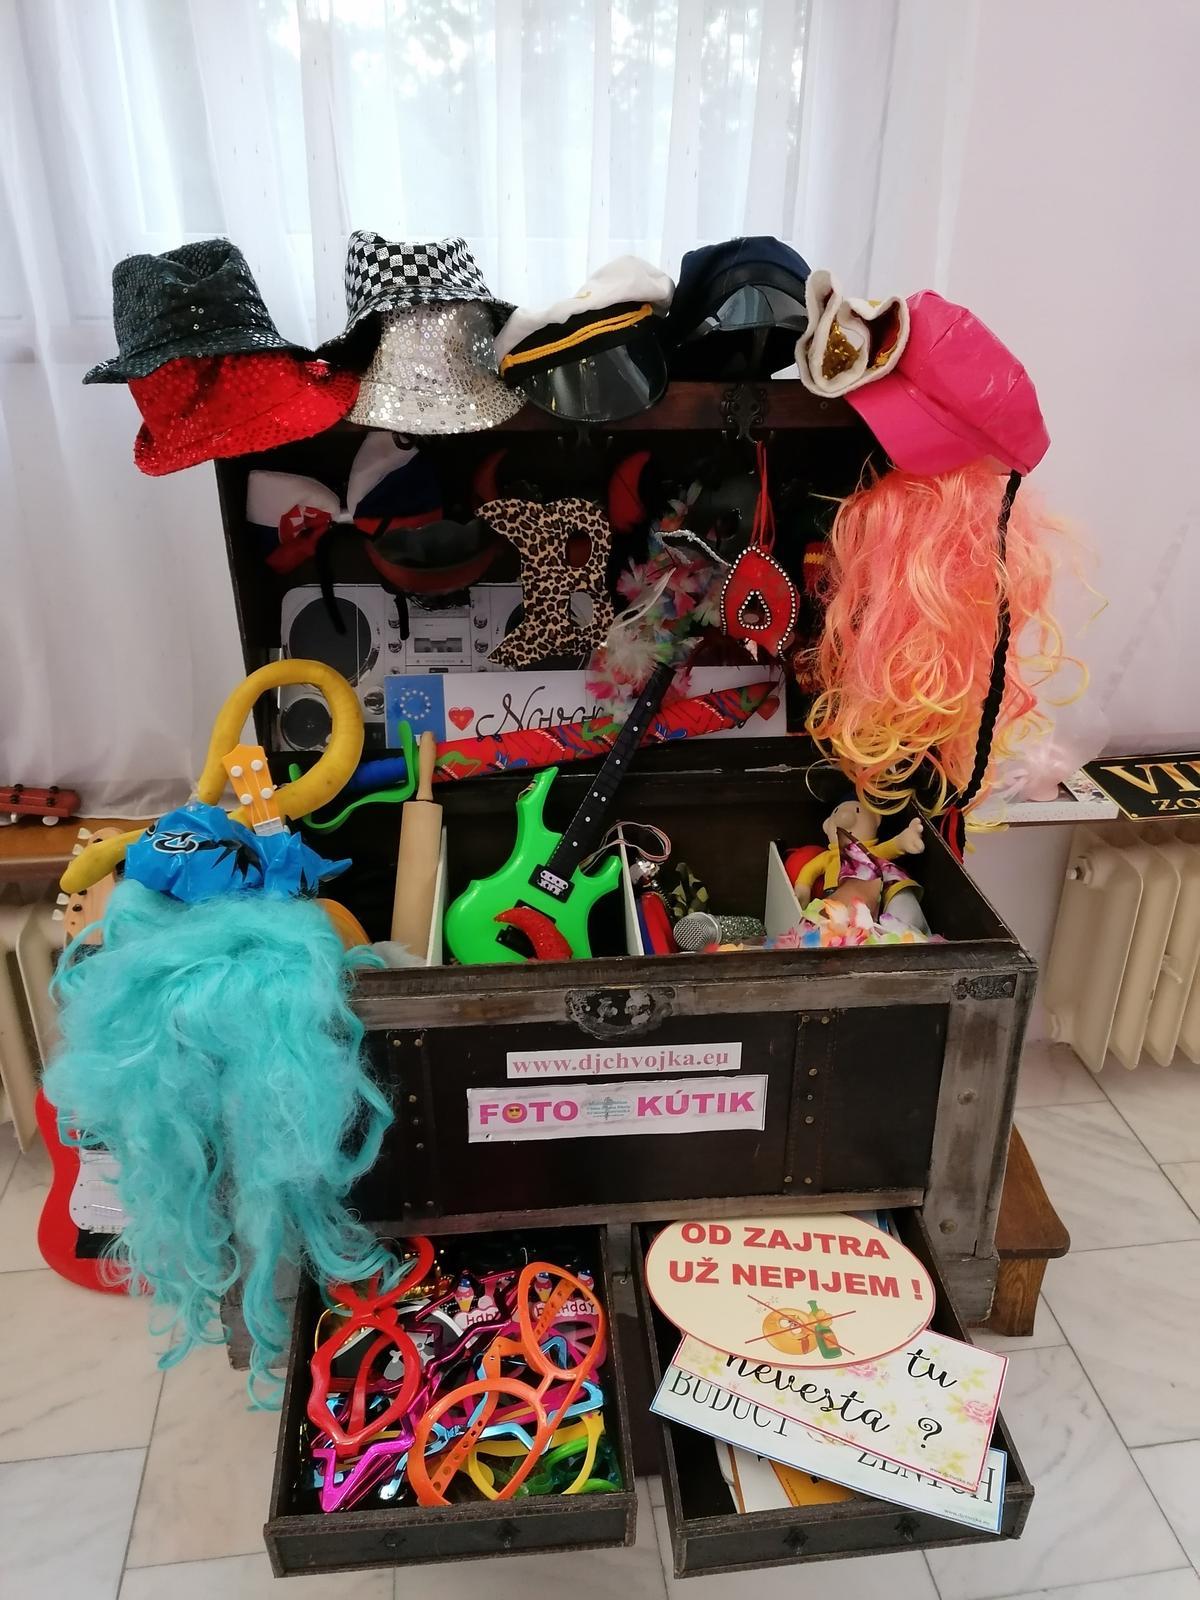 Svadobné FOTO steny, Foto kútik DJ Chvojka - Obrázok č. 8